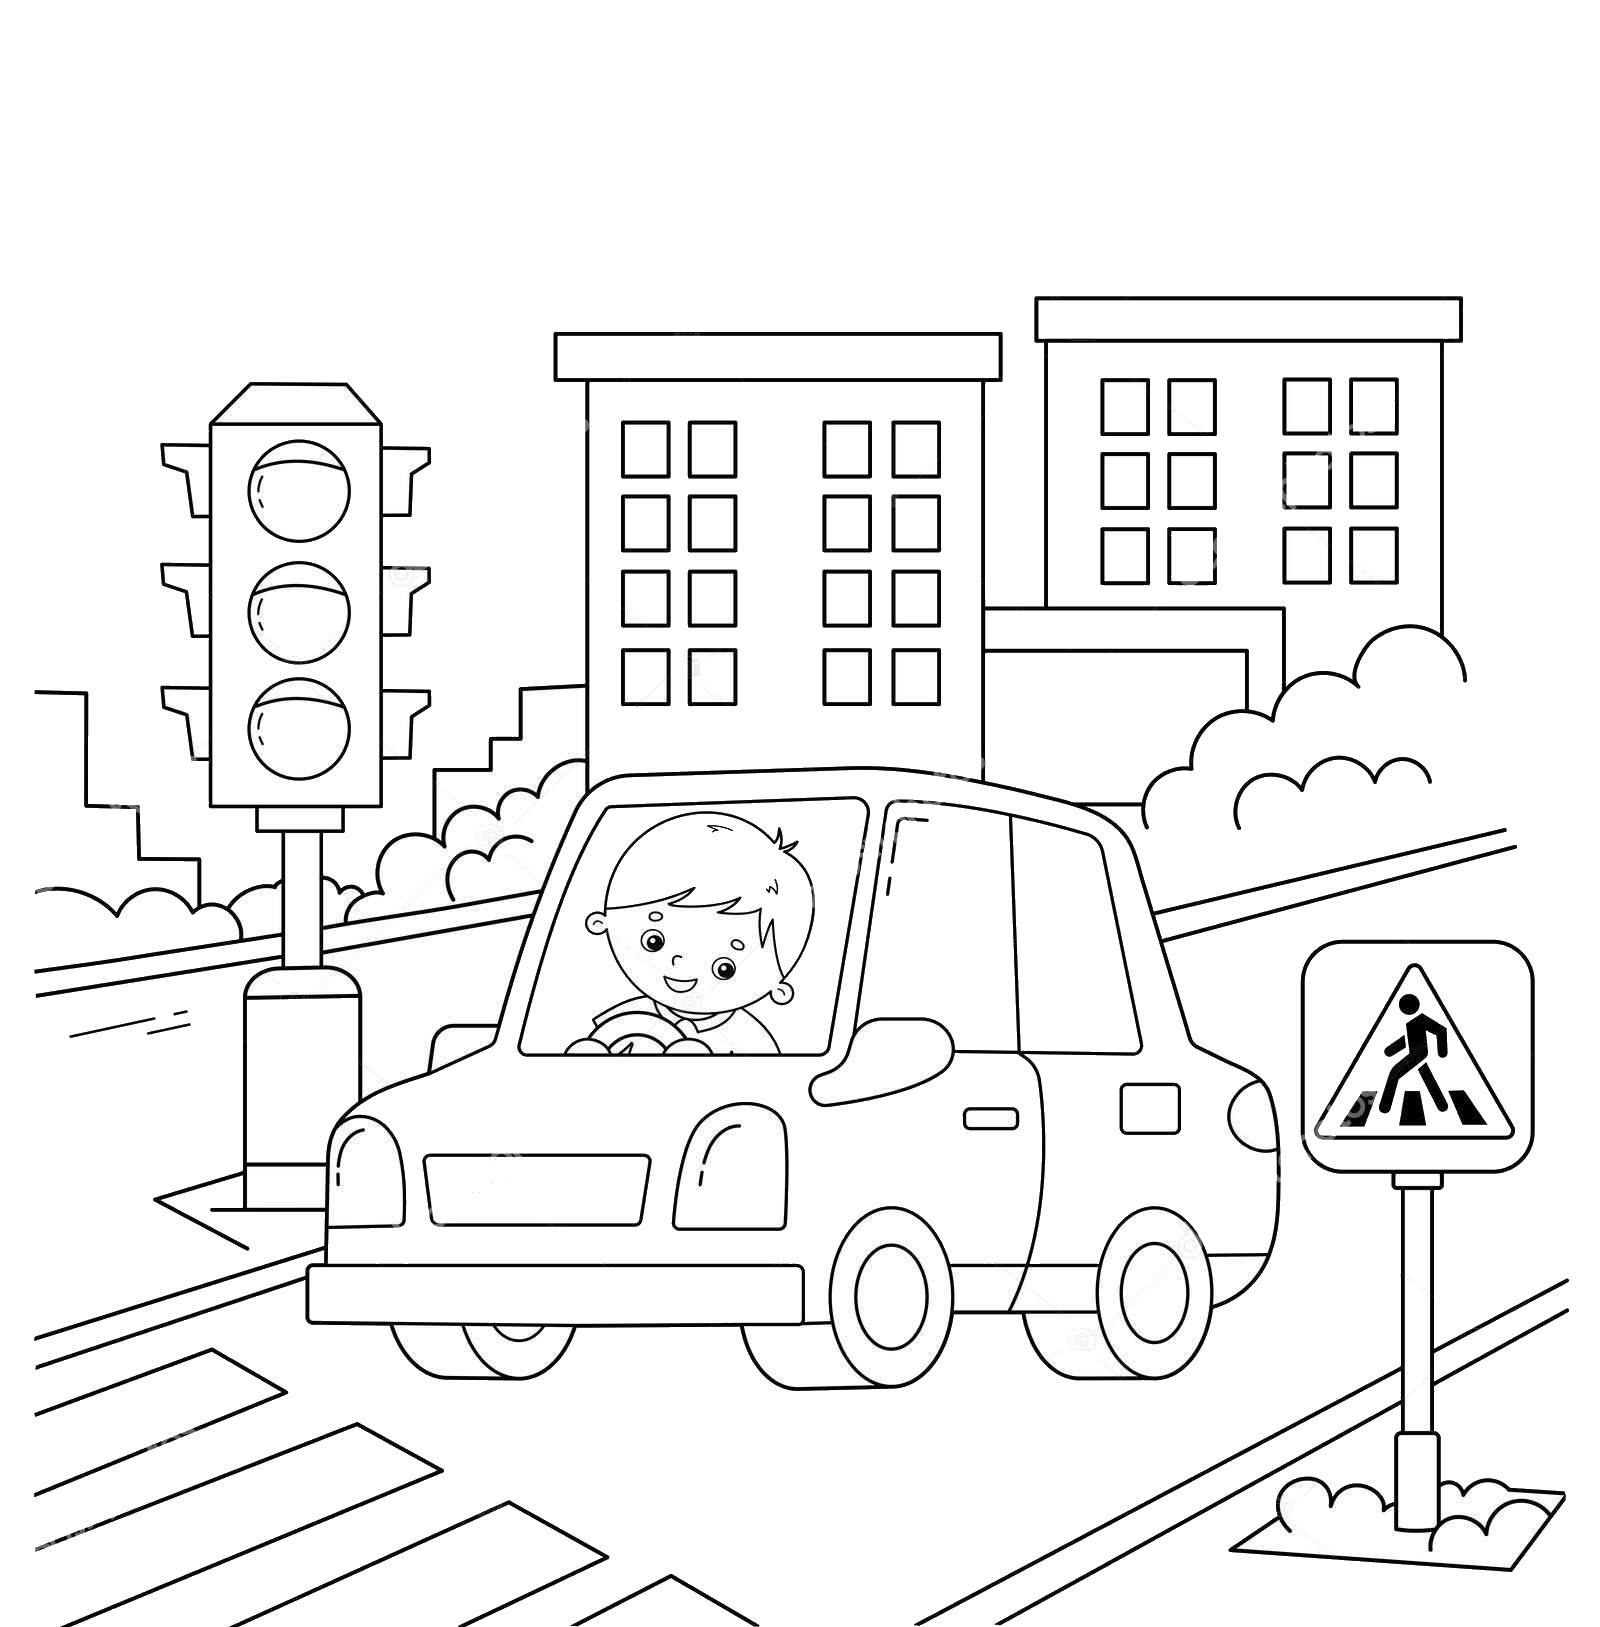 Tranh tô màu đèn giao thông đẹp tuyệt